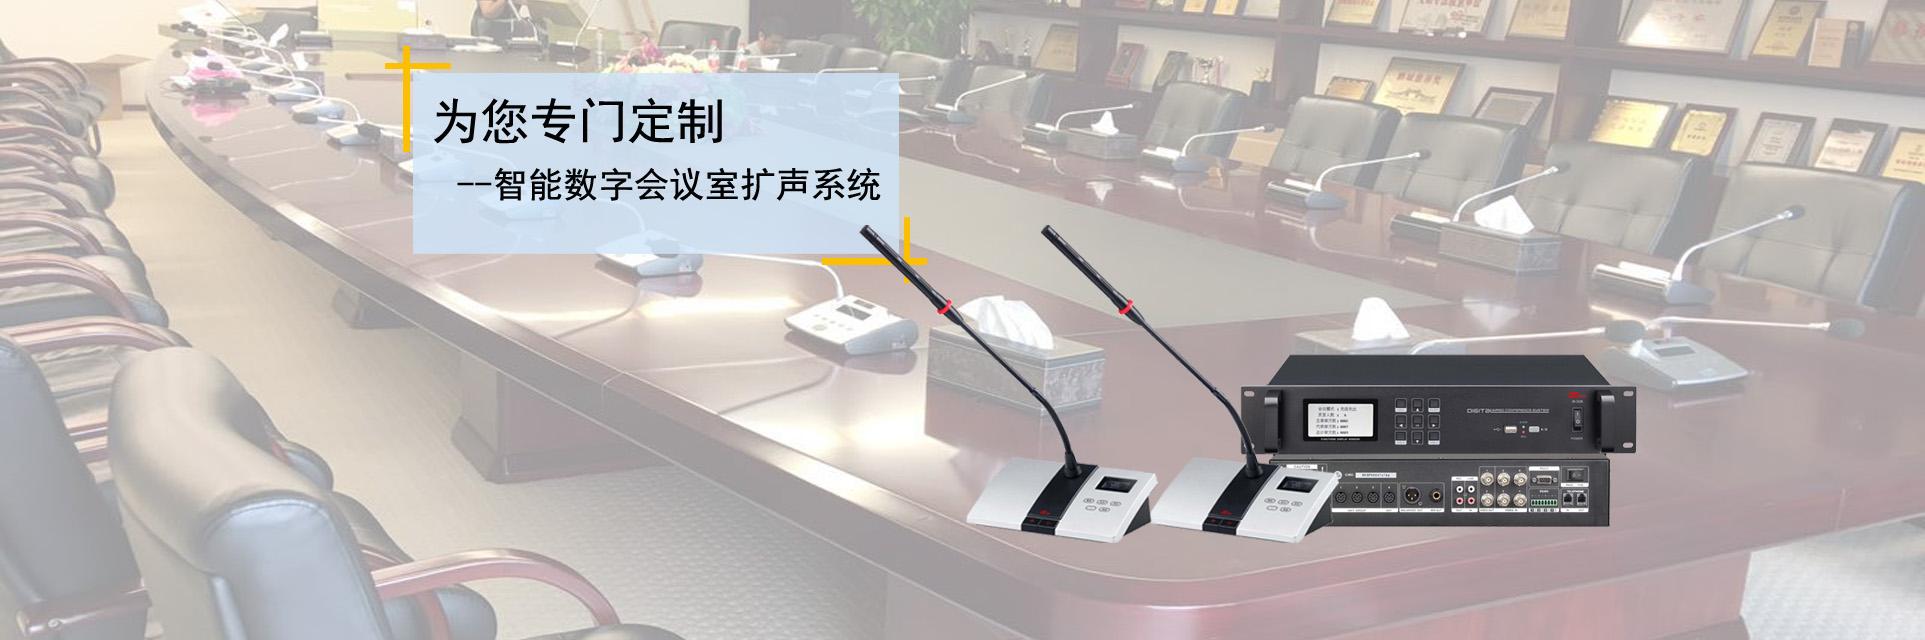 智能数字会议室扩声系统设备